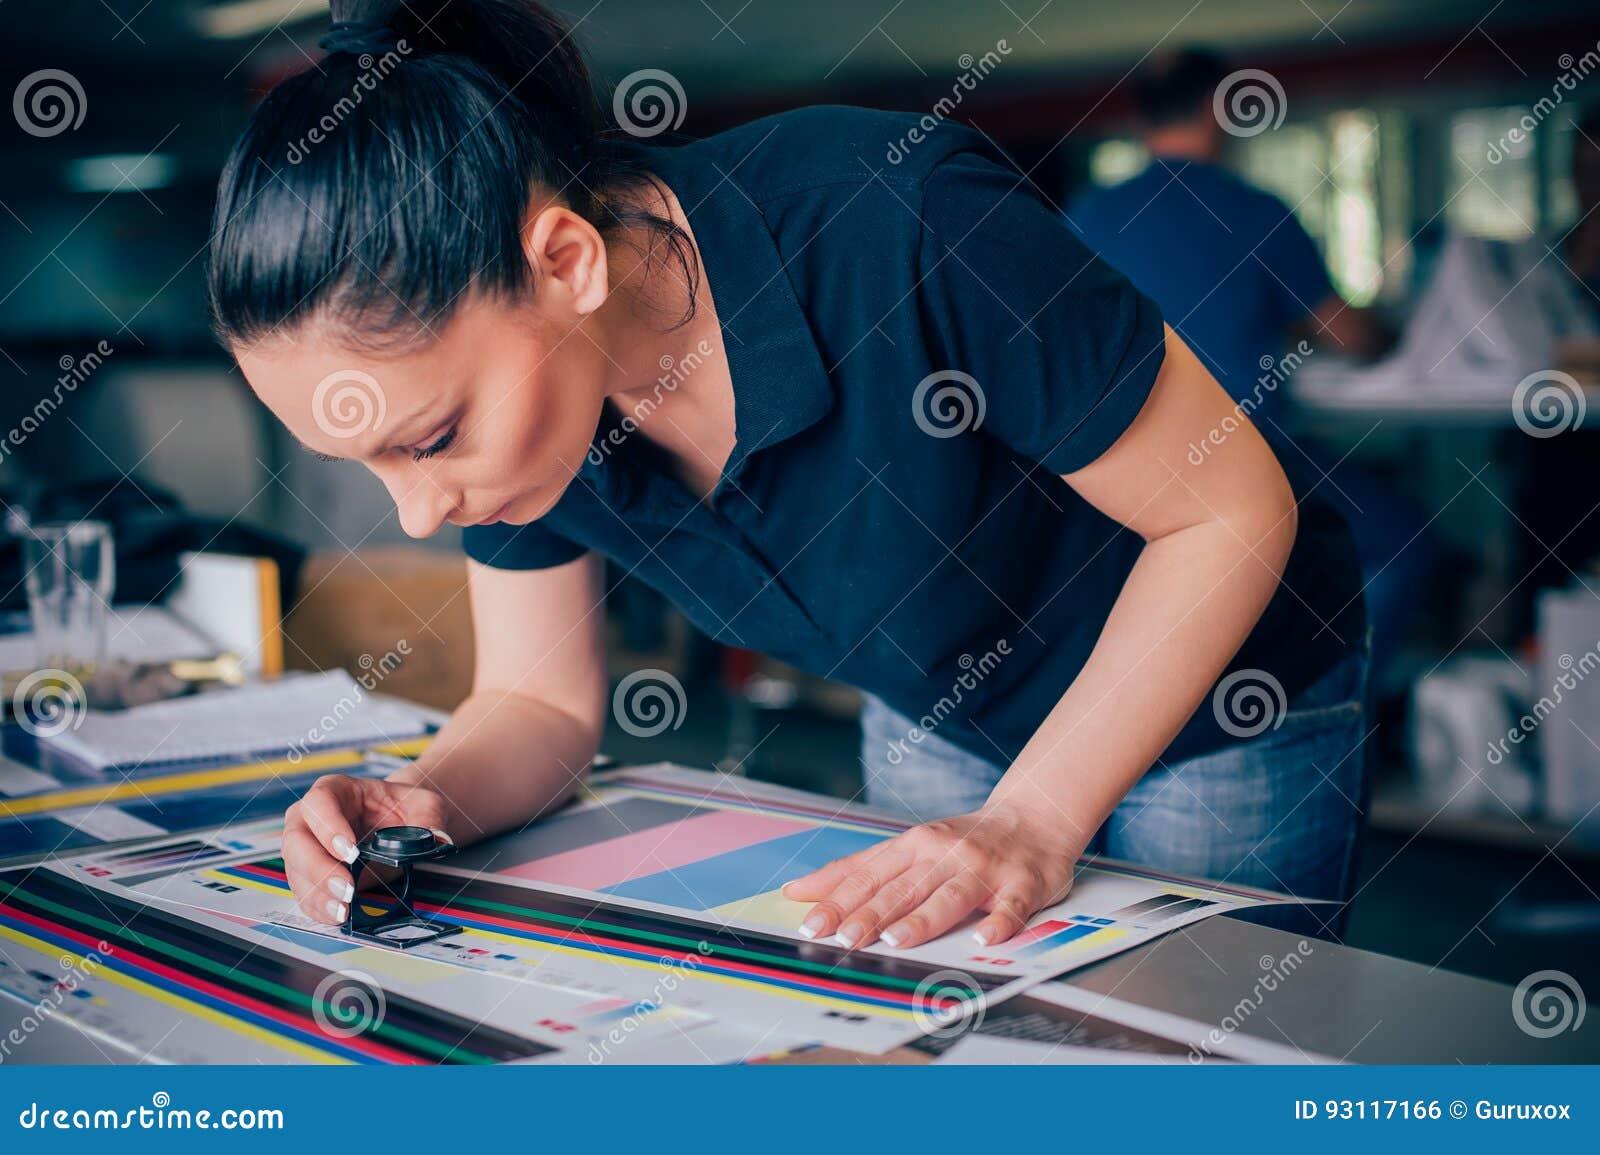 Trabalhador na impressão e em usos centar da imprensa uma lupa